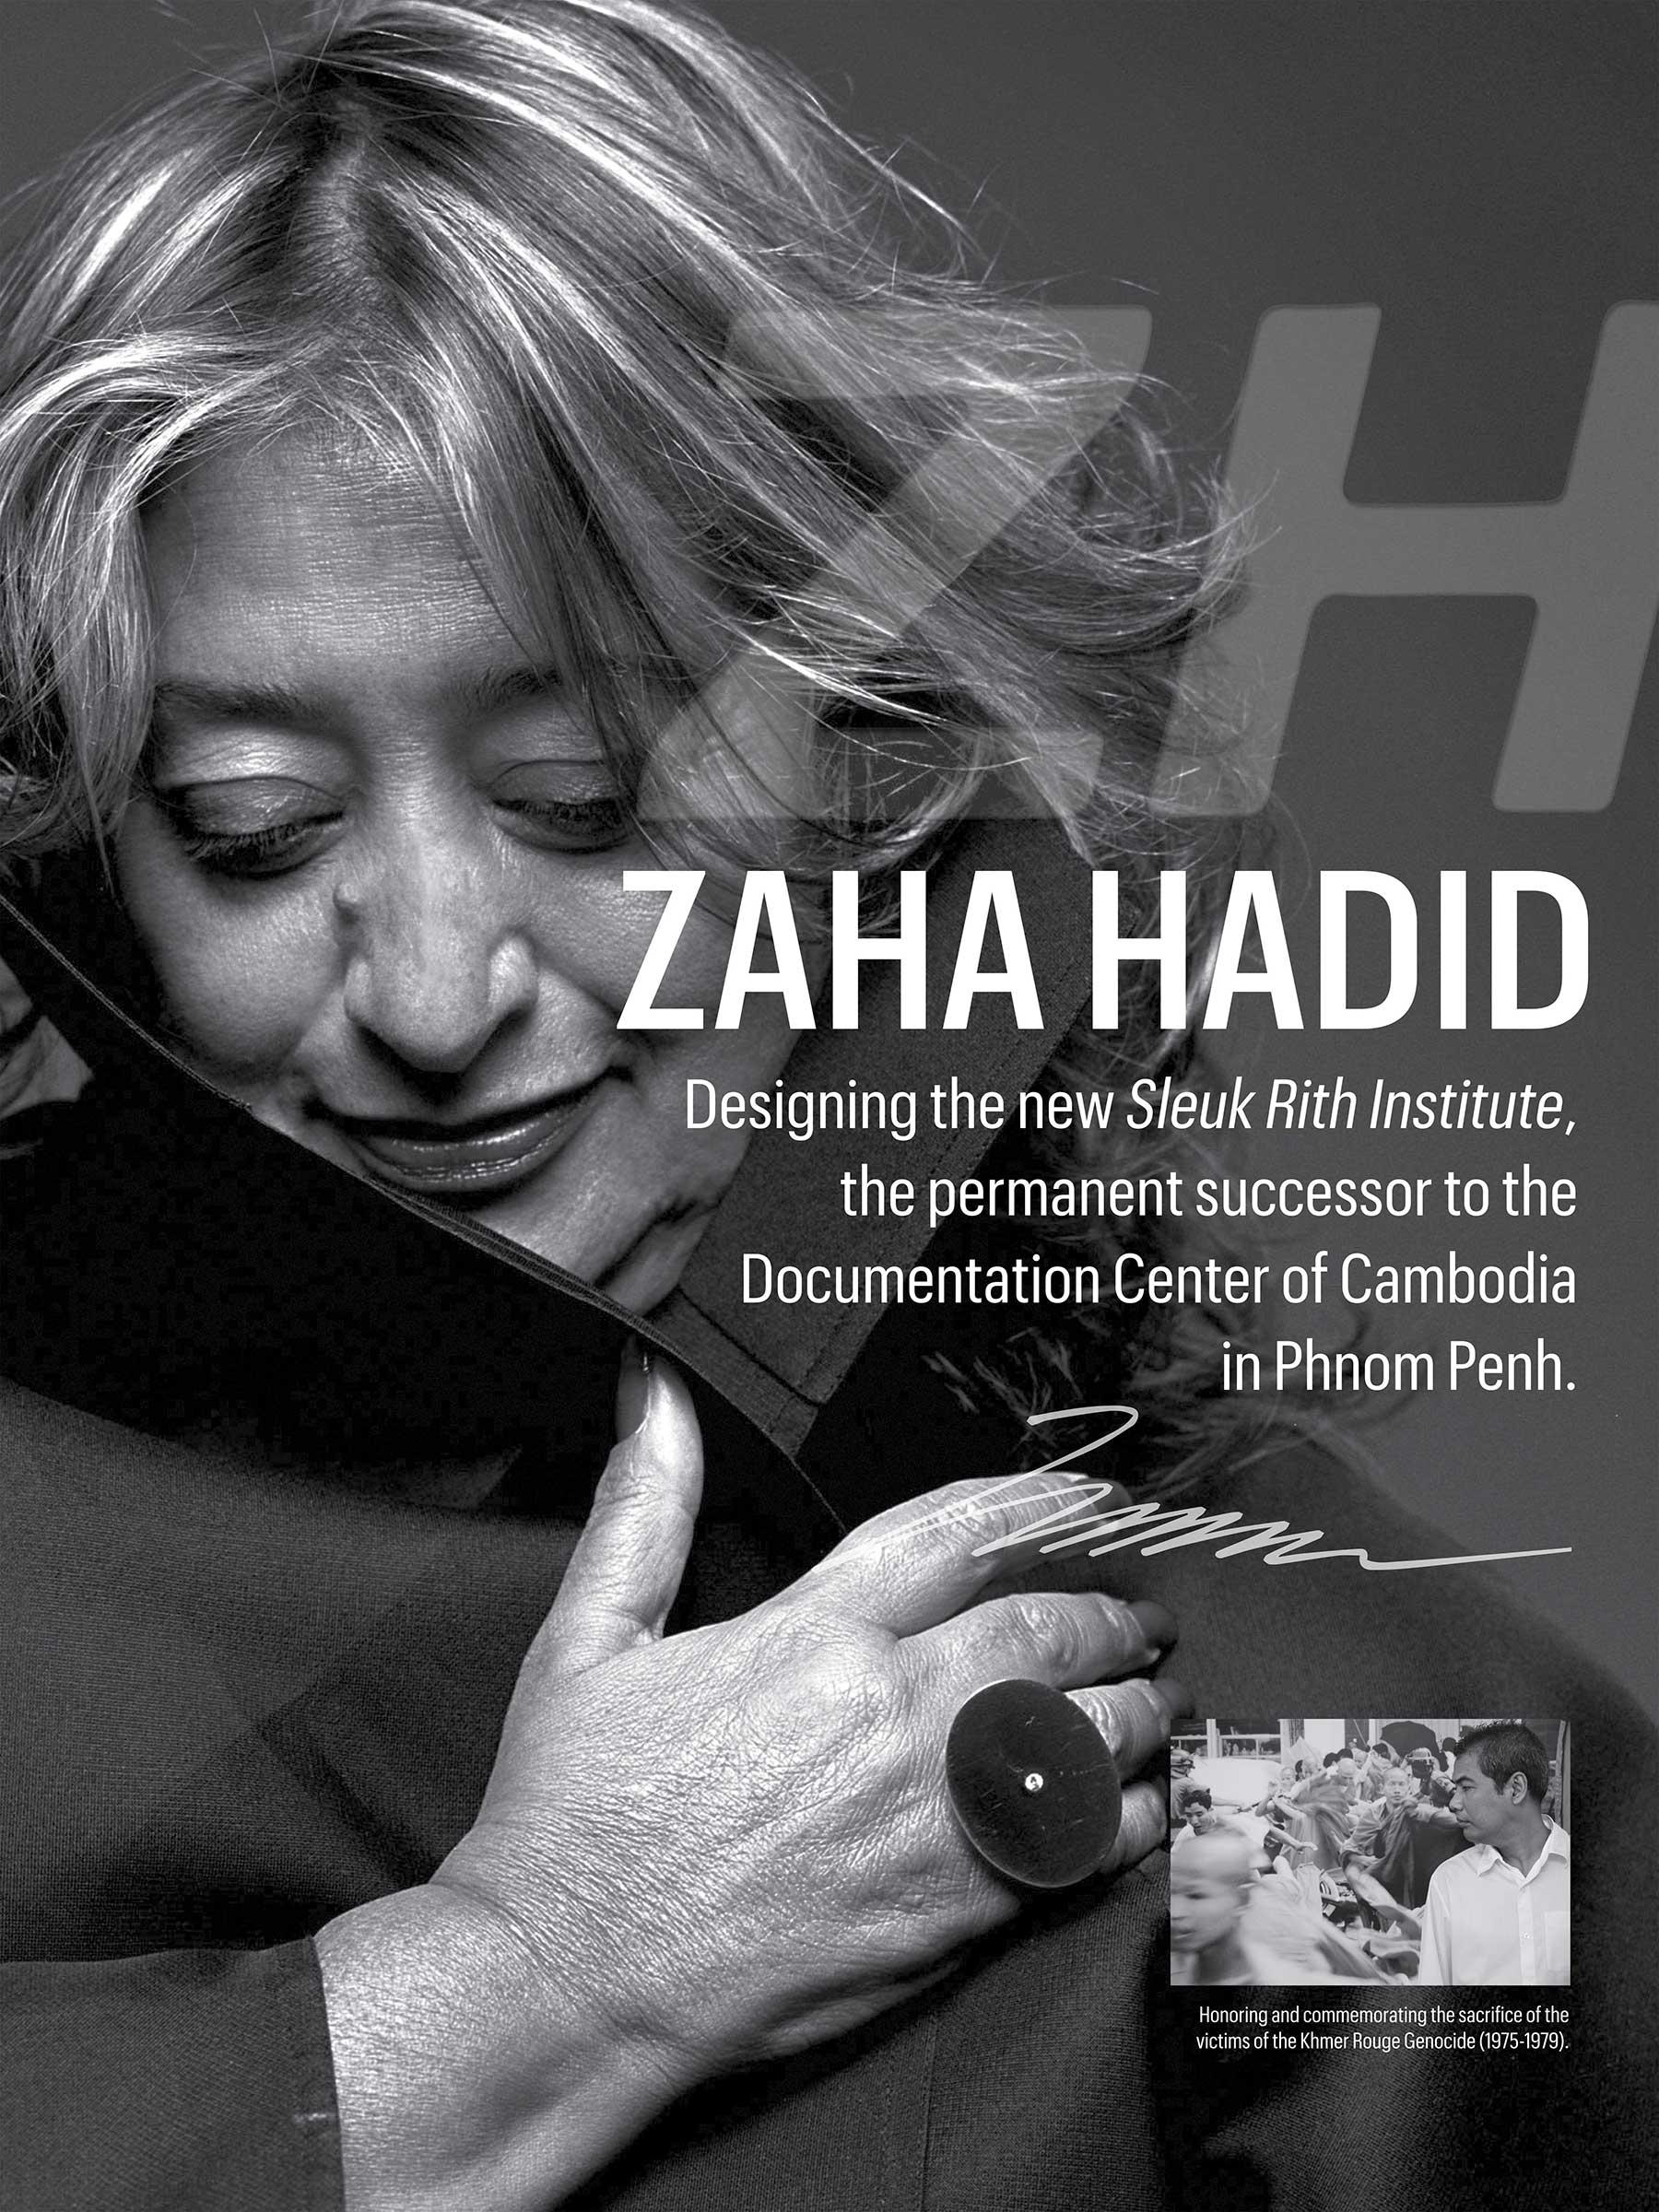 P_Zaha_Hadid1